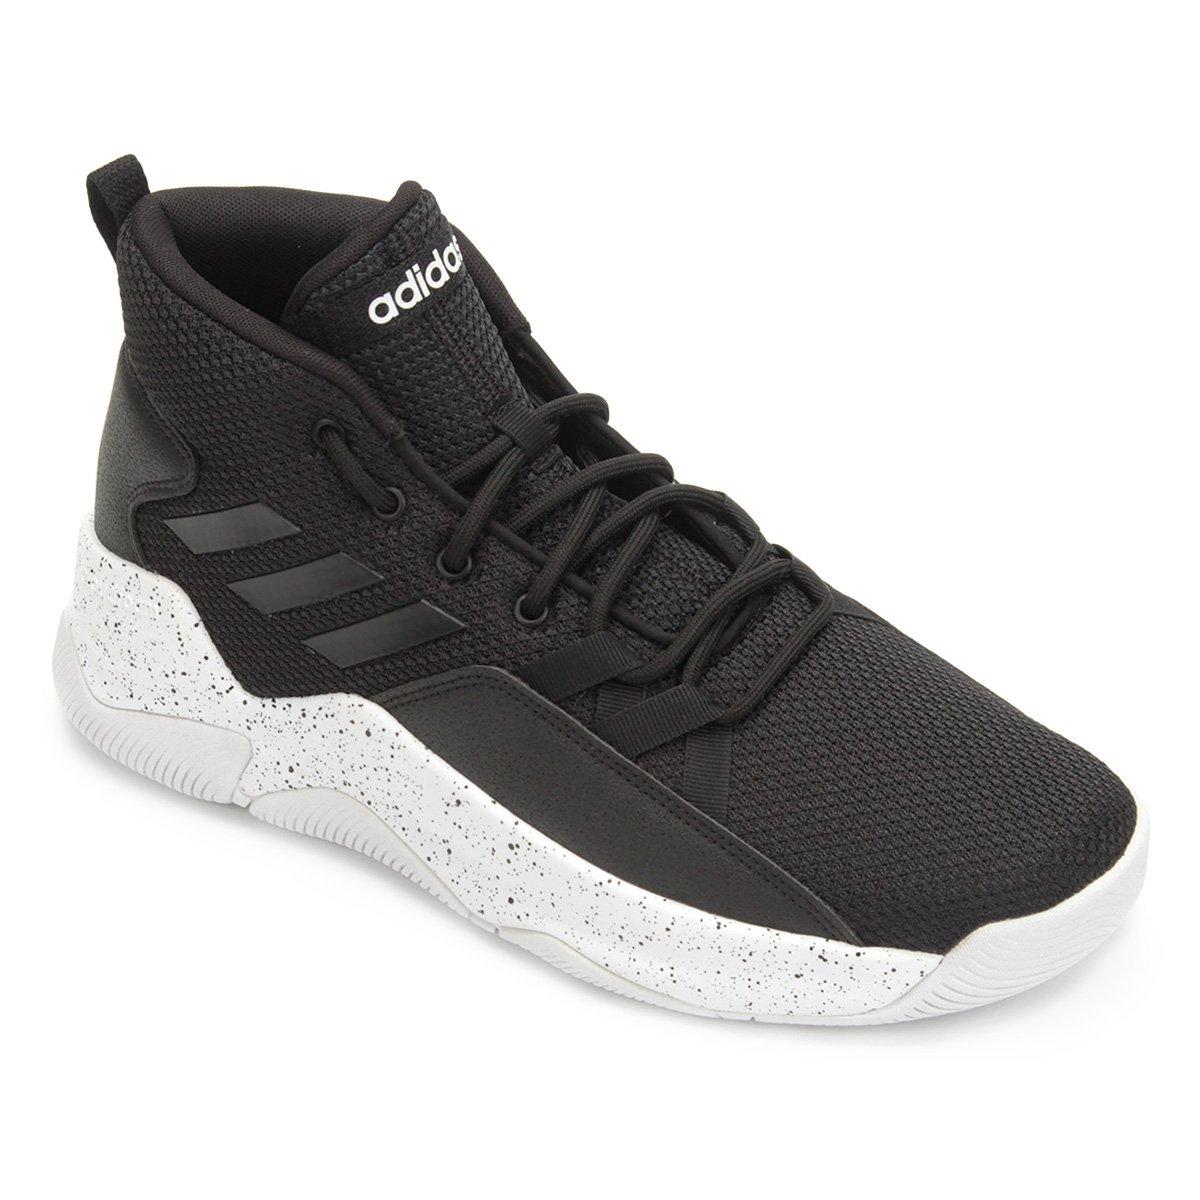 bea983d5af Tênis Adidas Concrete Adt Masculino - Preto - Compre Agora